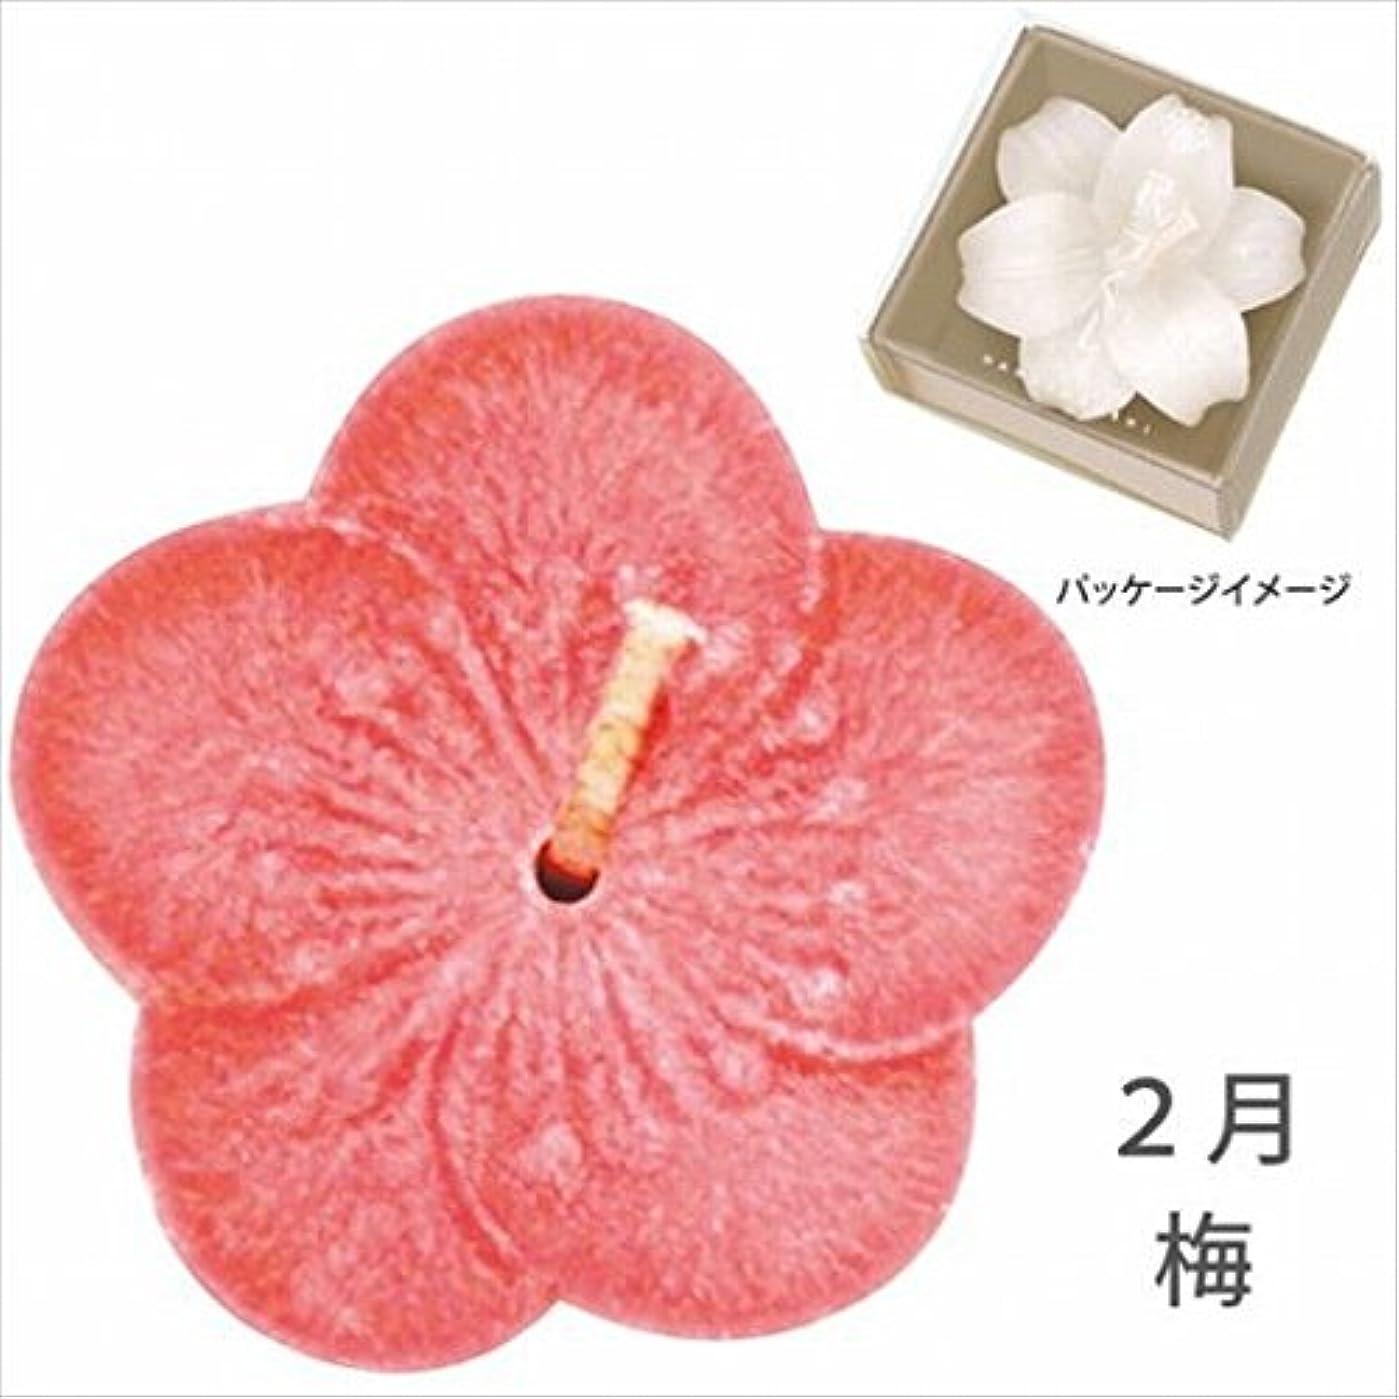 ぬるい秀でる高度なカメヤマキャンドル( kameyama candle ) 花づくし(植物性) 梅 「 梅(2月) 」 キャンドル